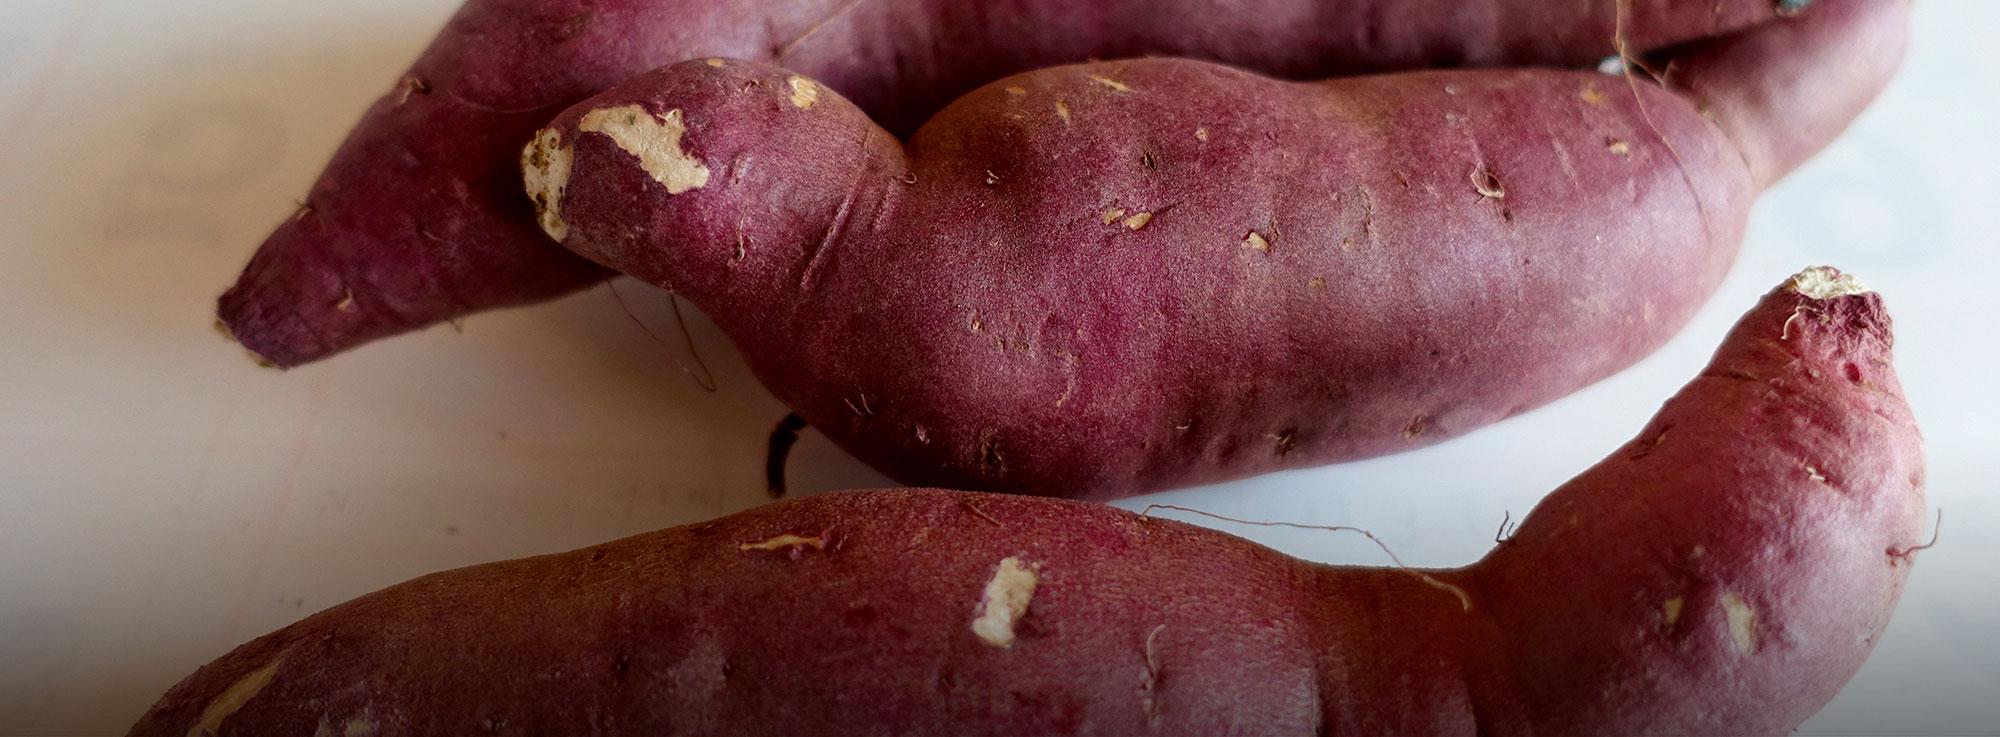 Frigole: Sagra della Patata Zuccherina